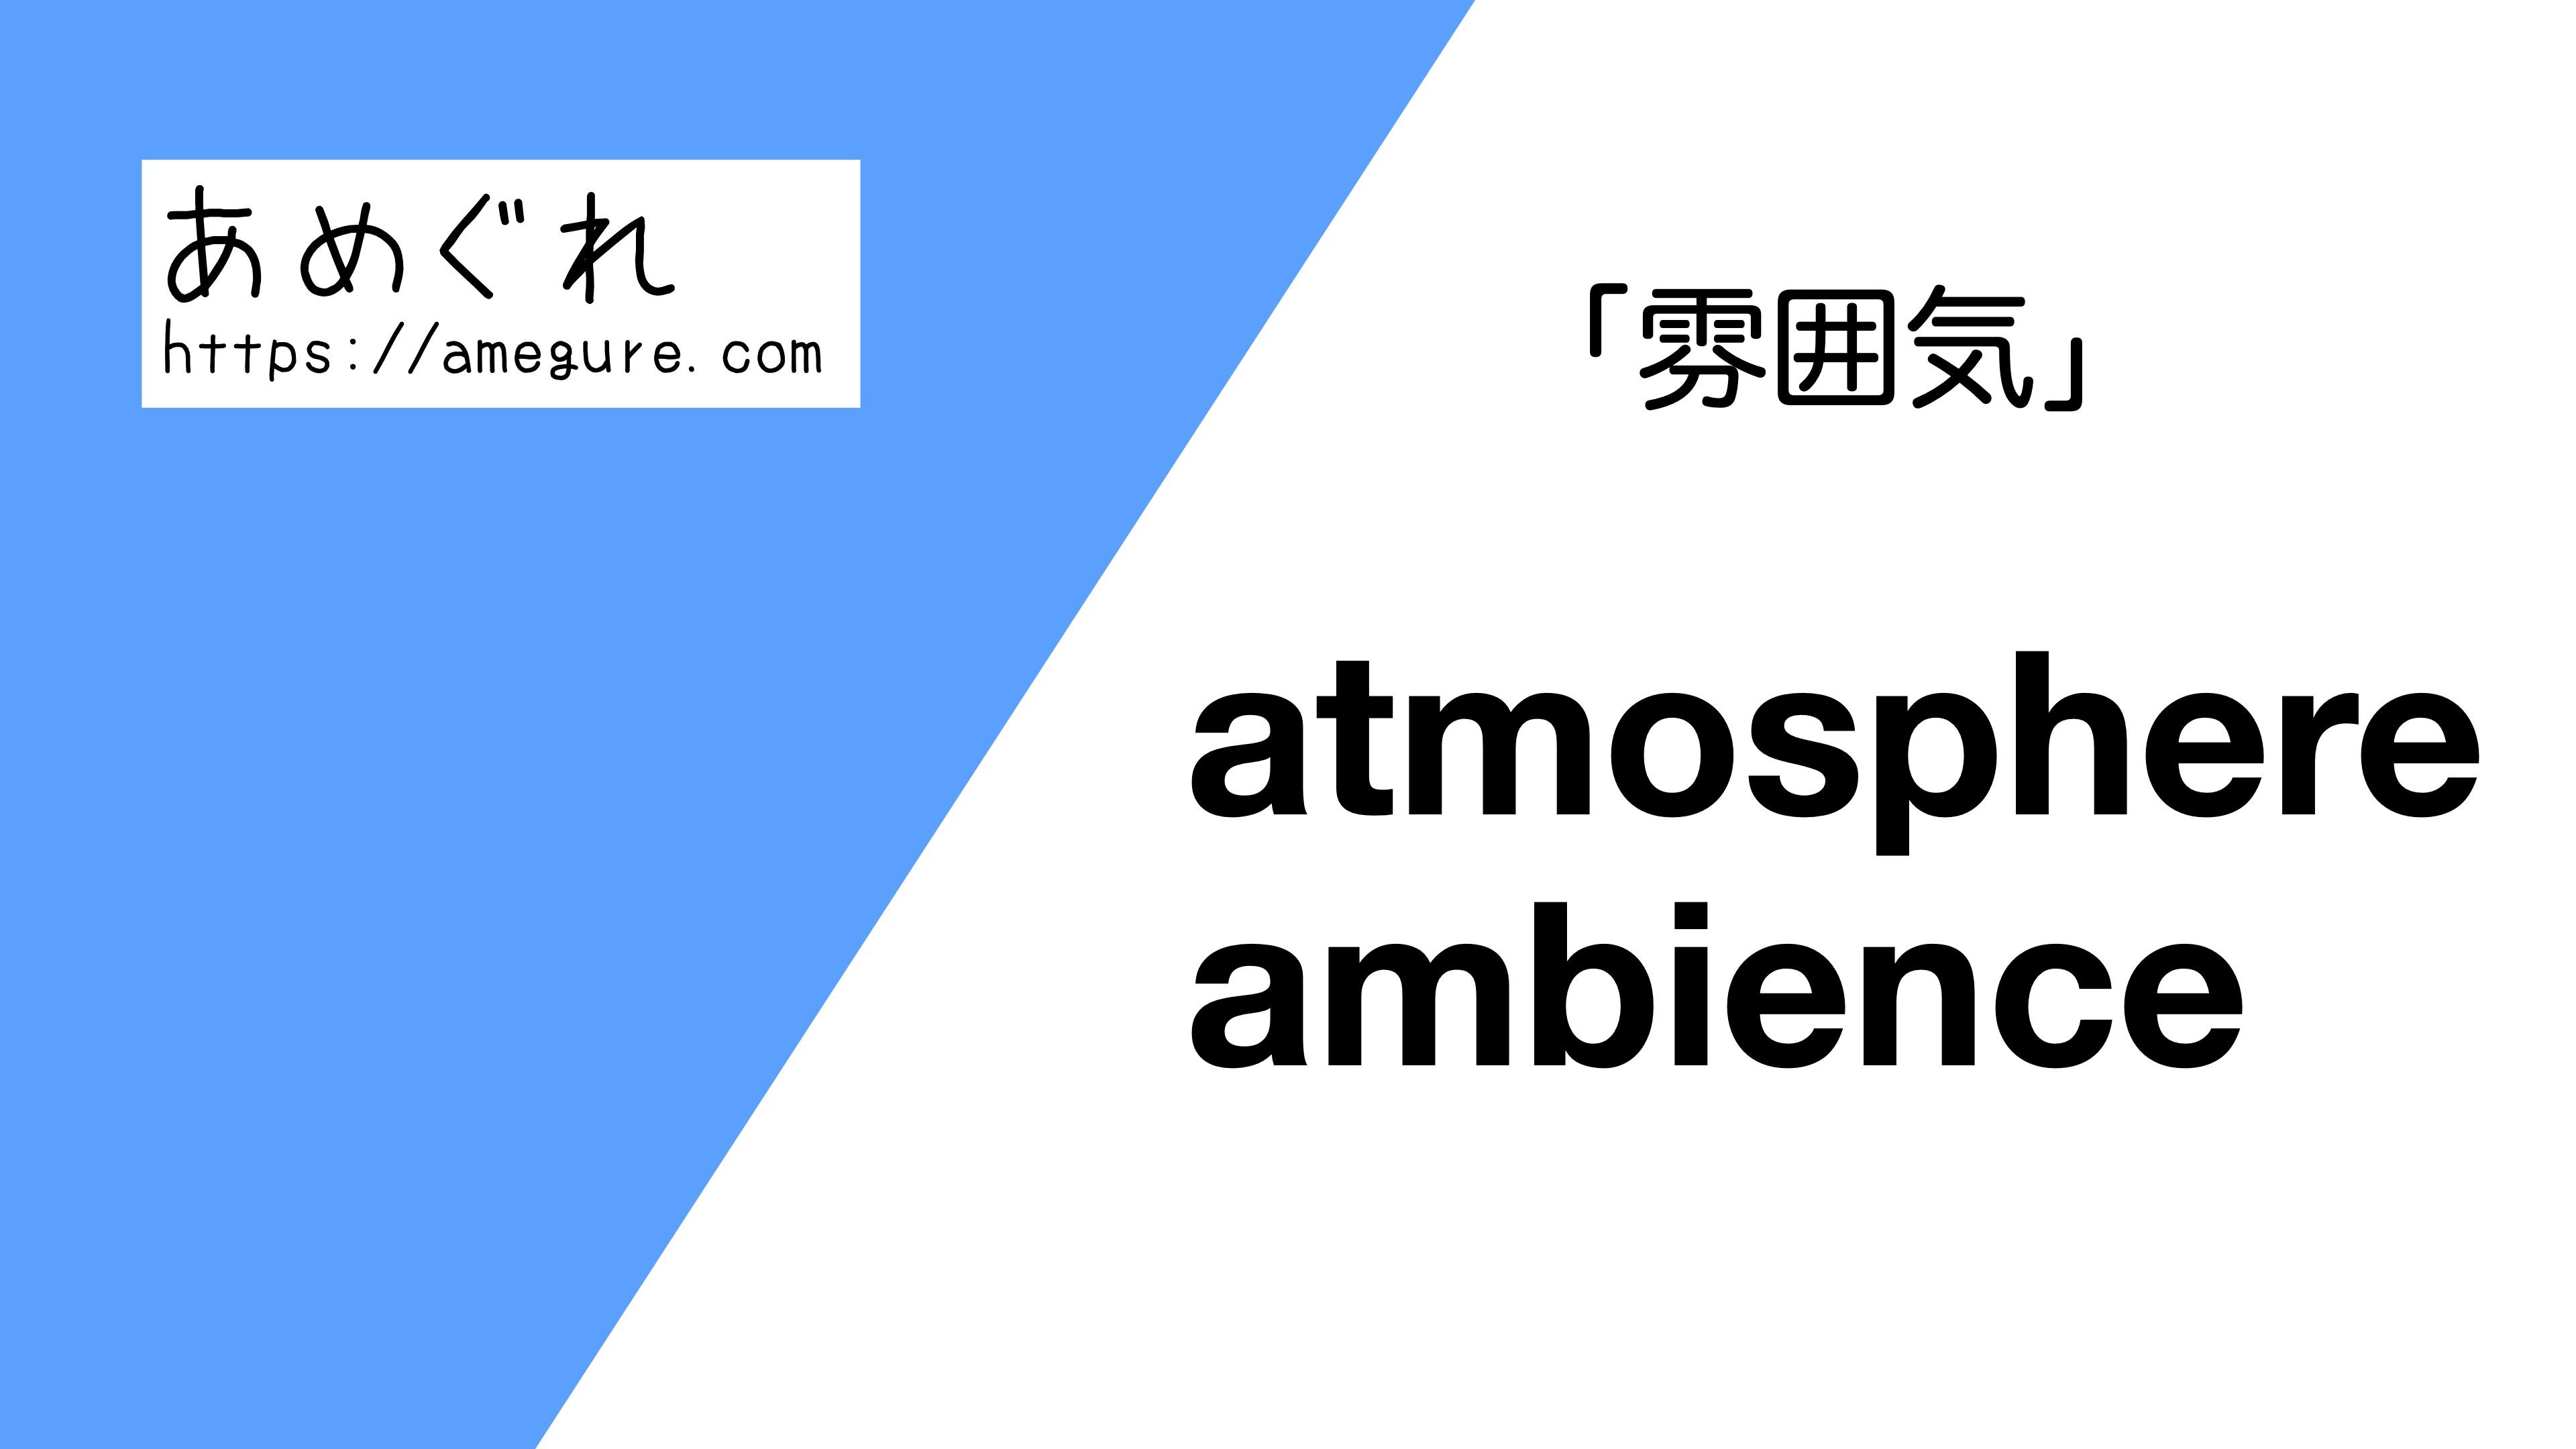 atmosphere-ambience違い